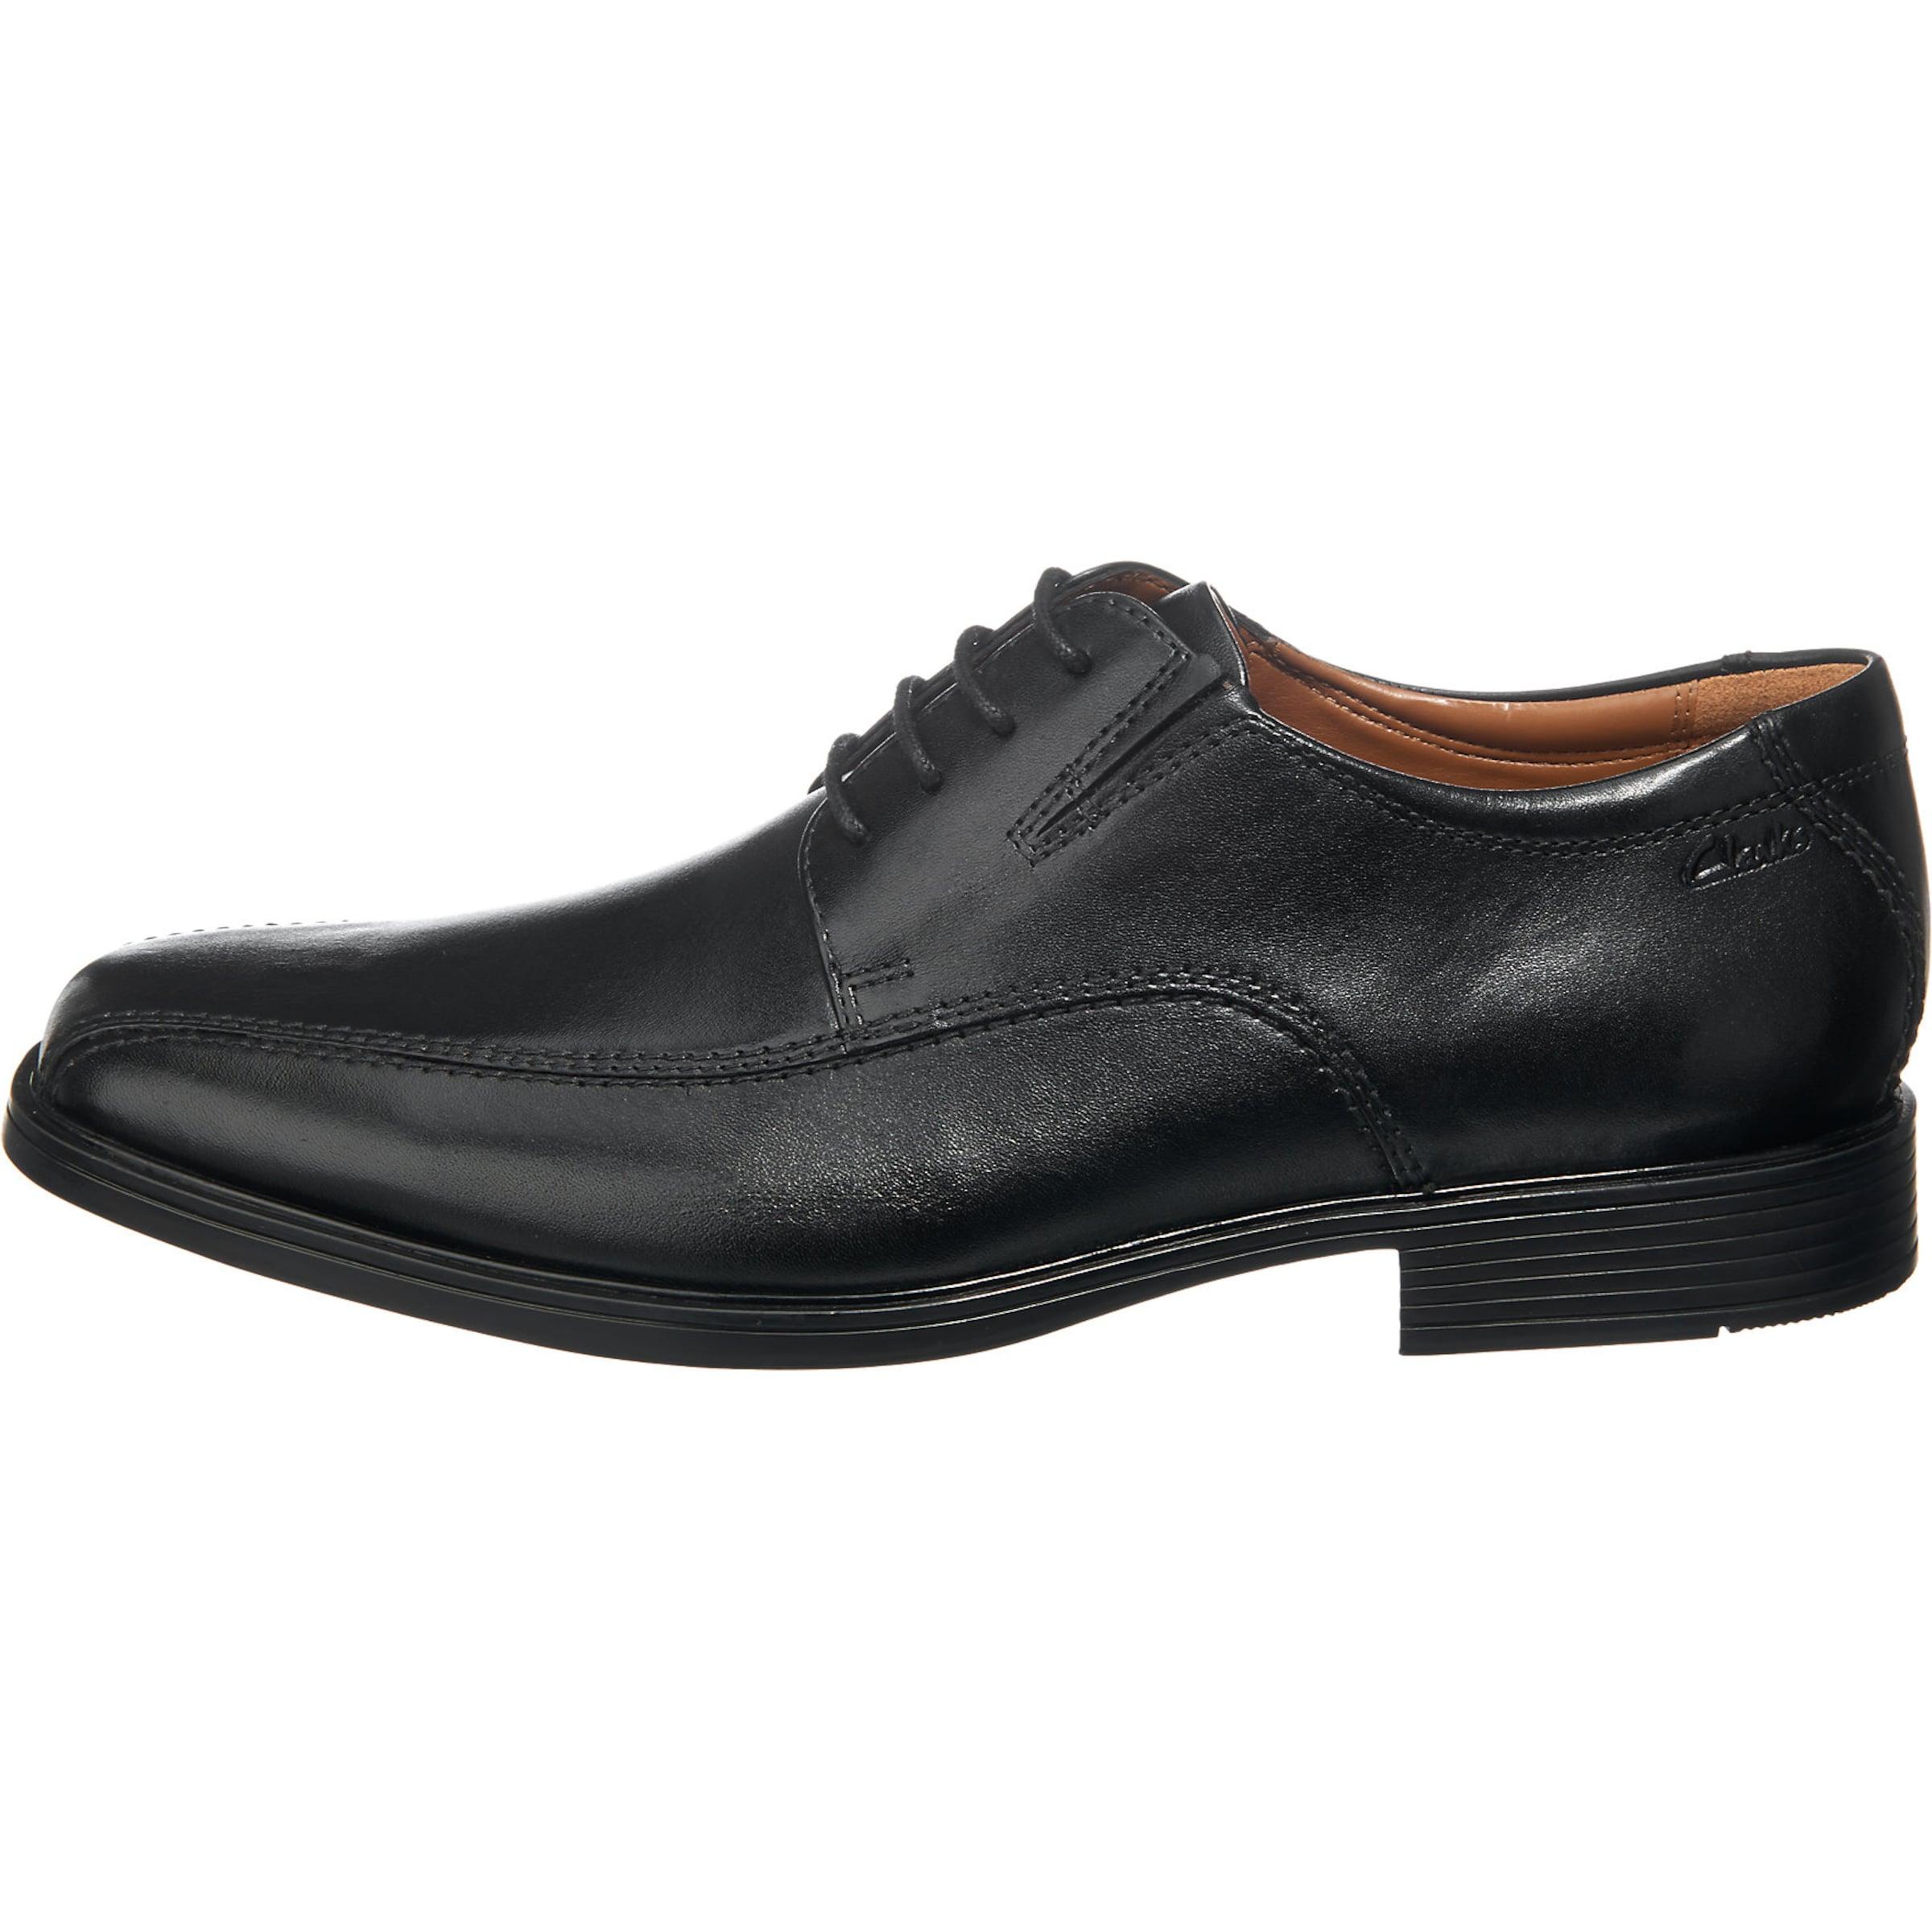 Clarks Walk' 'tilden Lacets Chaussure En À Marron UzVSqpM